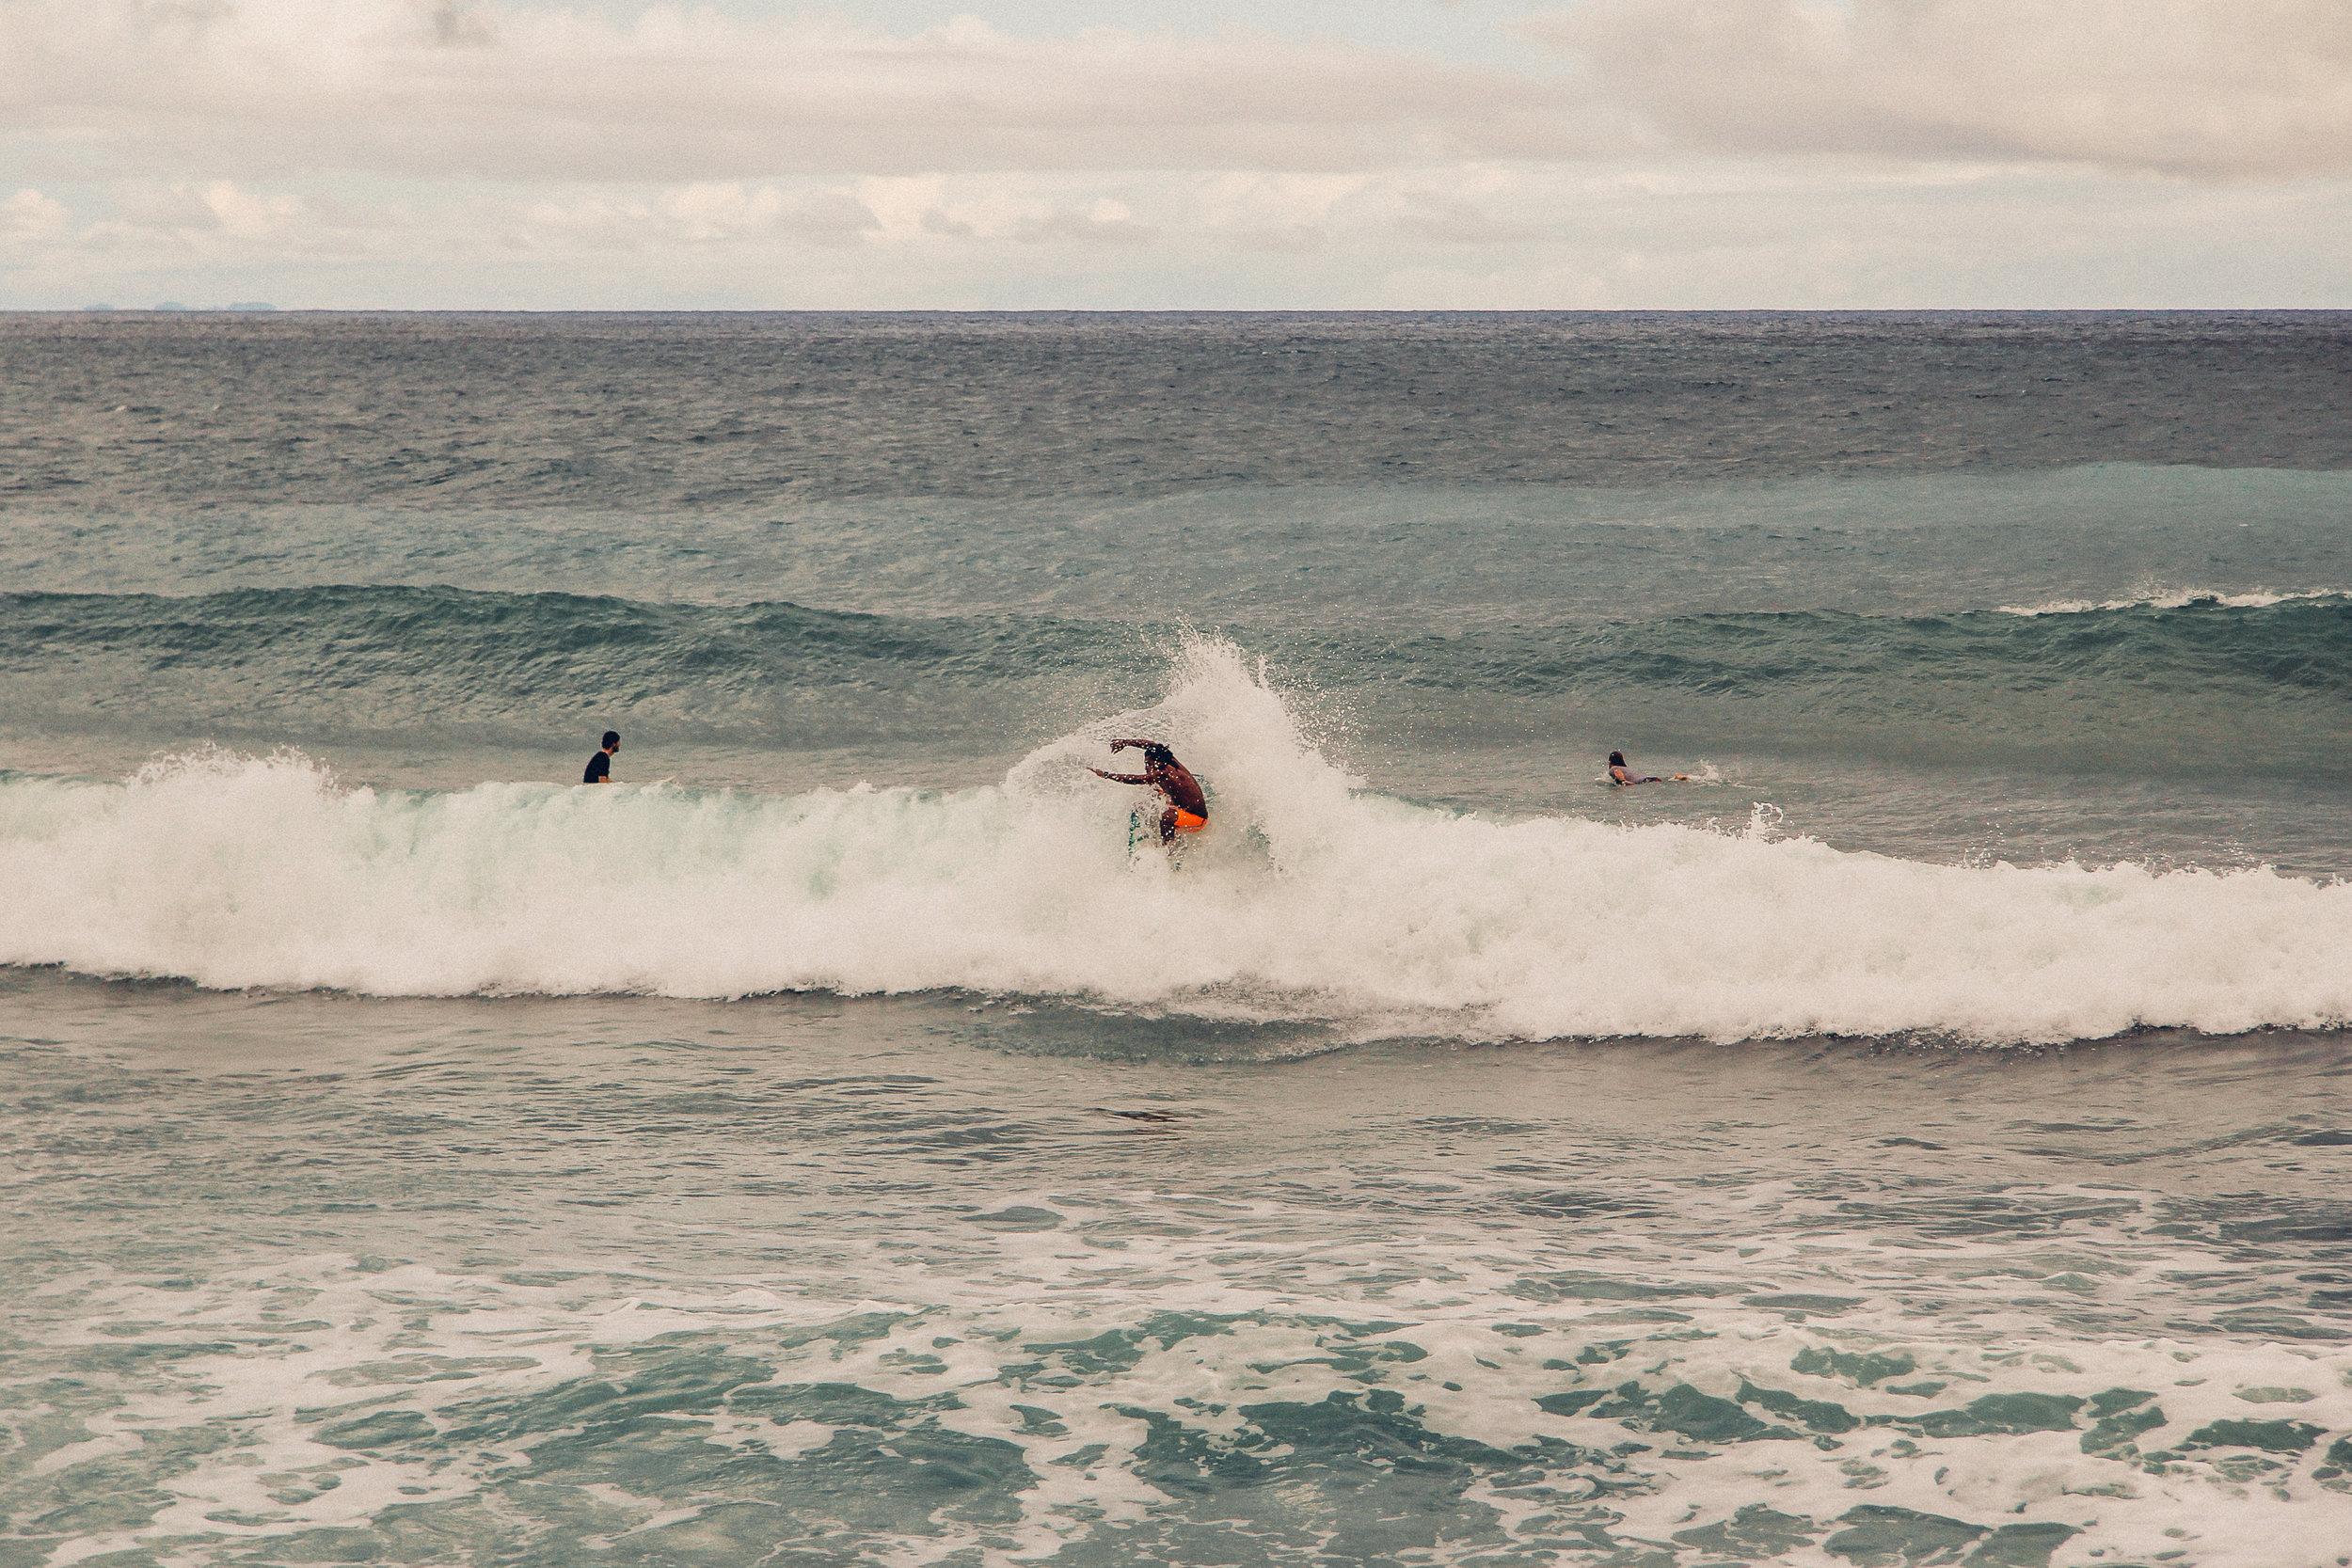 Surfing the beach breaks at Playa Santa Teresa.